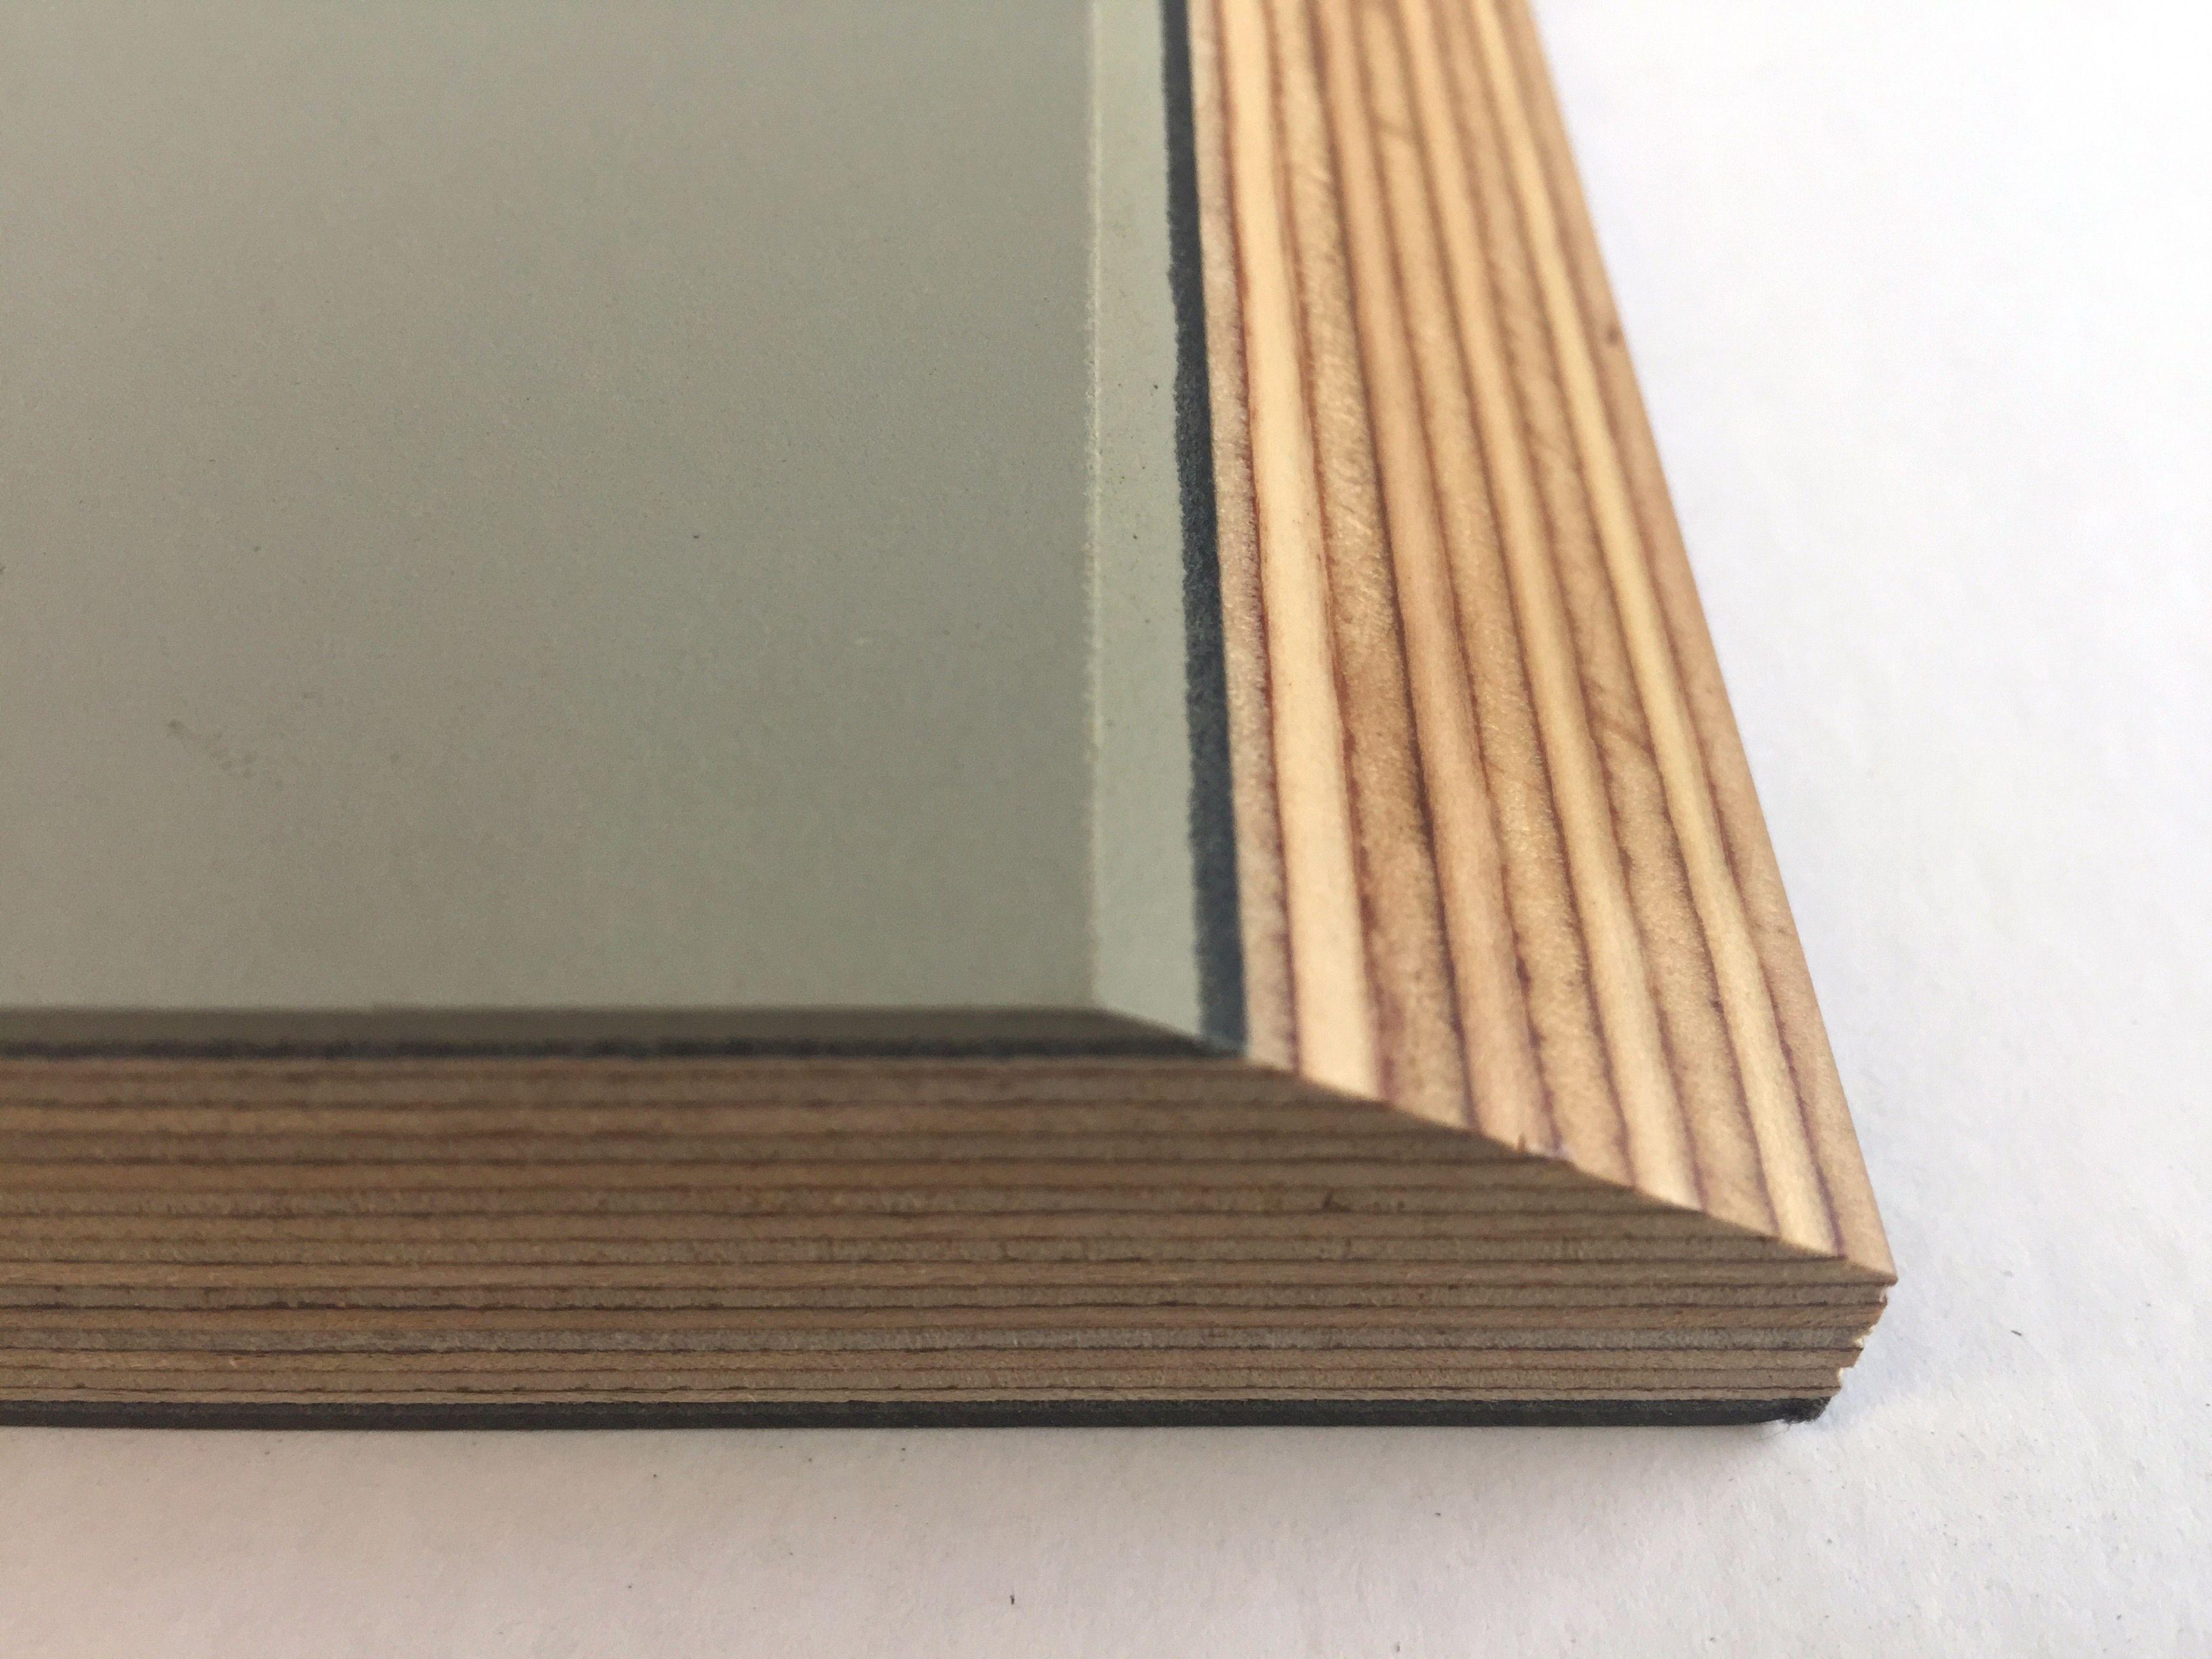 Furniture Linoleum Color Olive 4184 Applied On Multiplex With A Bevelled Edge Forboforfurniture Linoleum Wood Resin Plywood Design